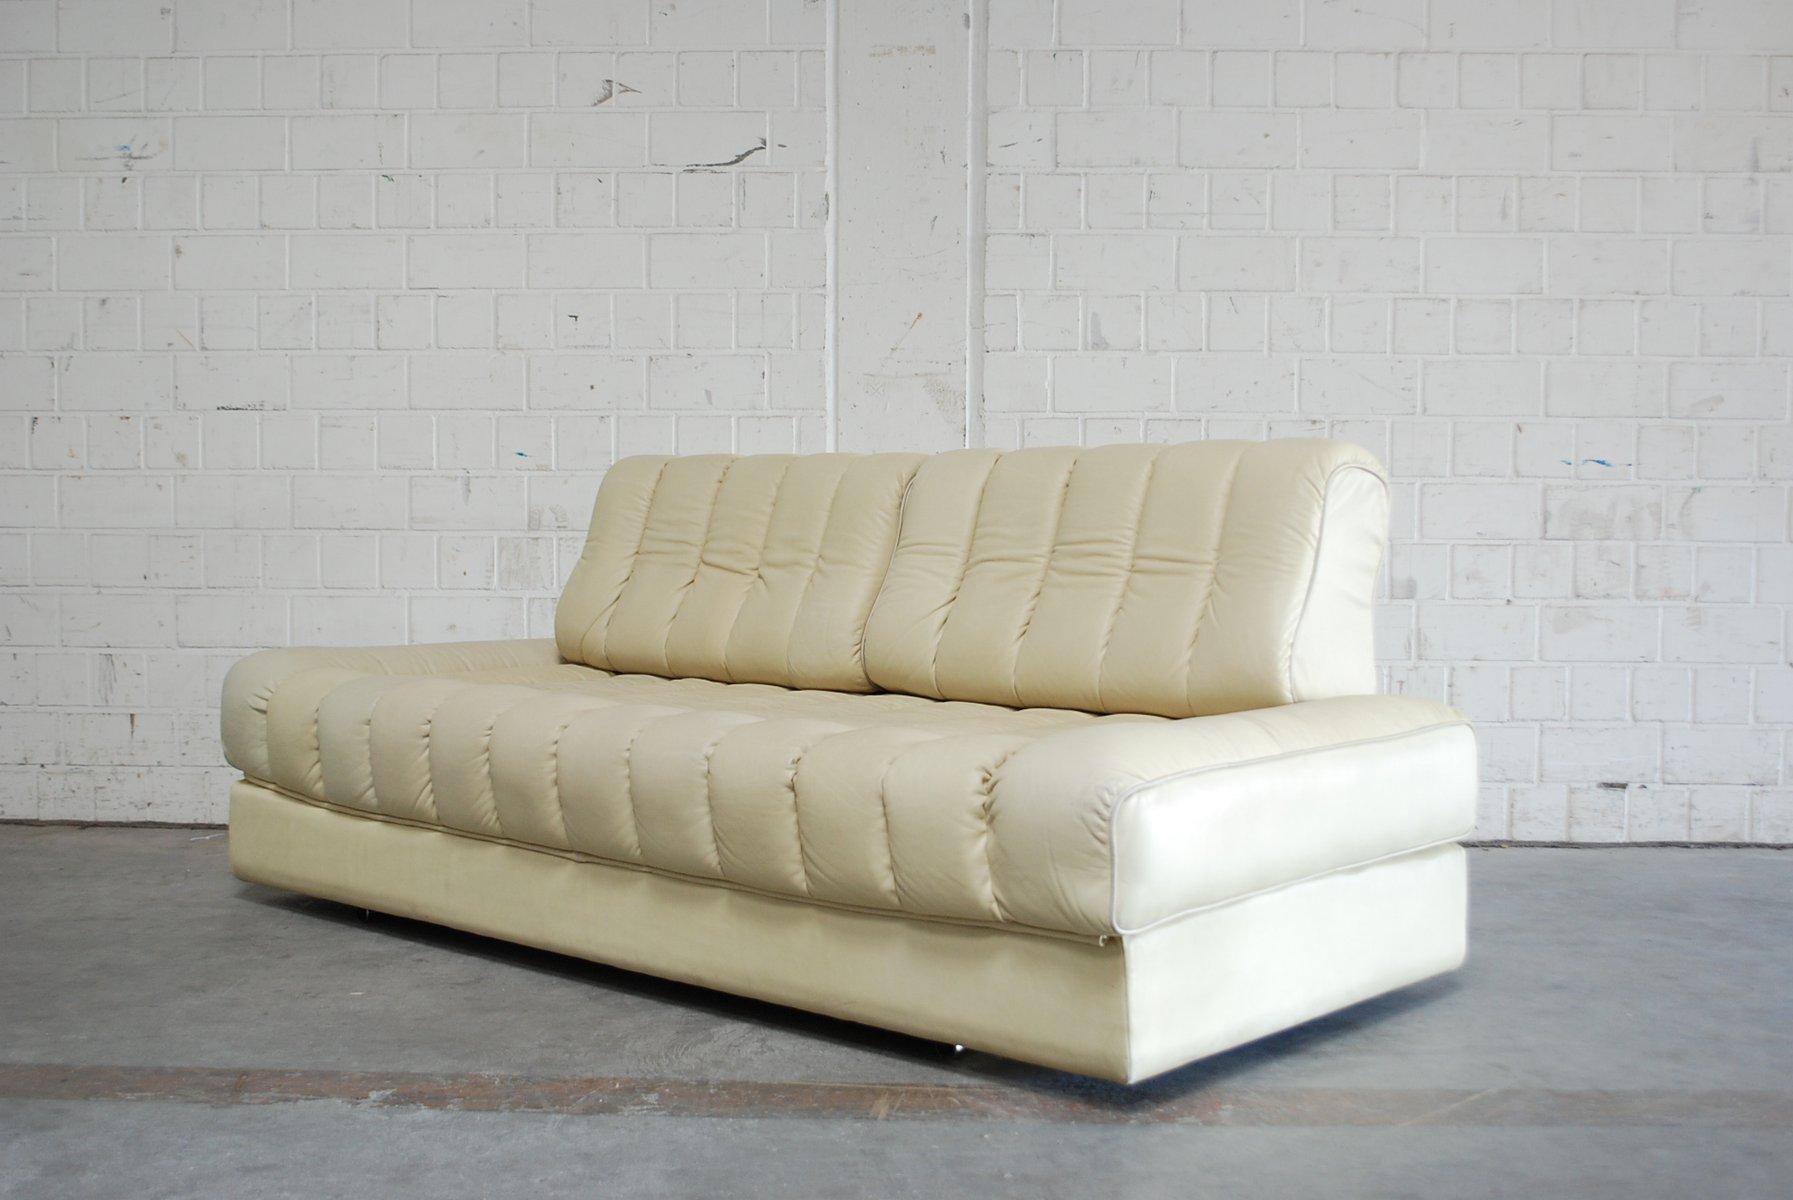 vintage ds 85 schlafsofa aus weichem leder von de sede bei pamono kaufen. Black Bedroom Furniture Sets. Home Design Ideas